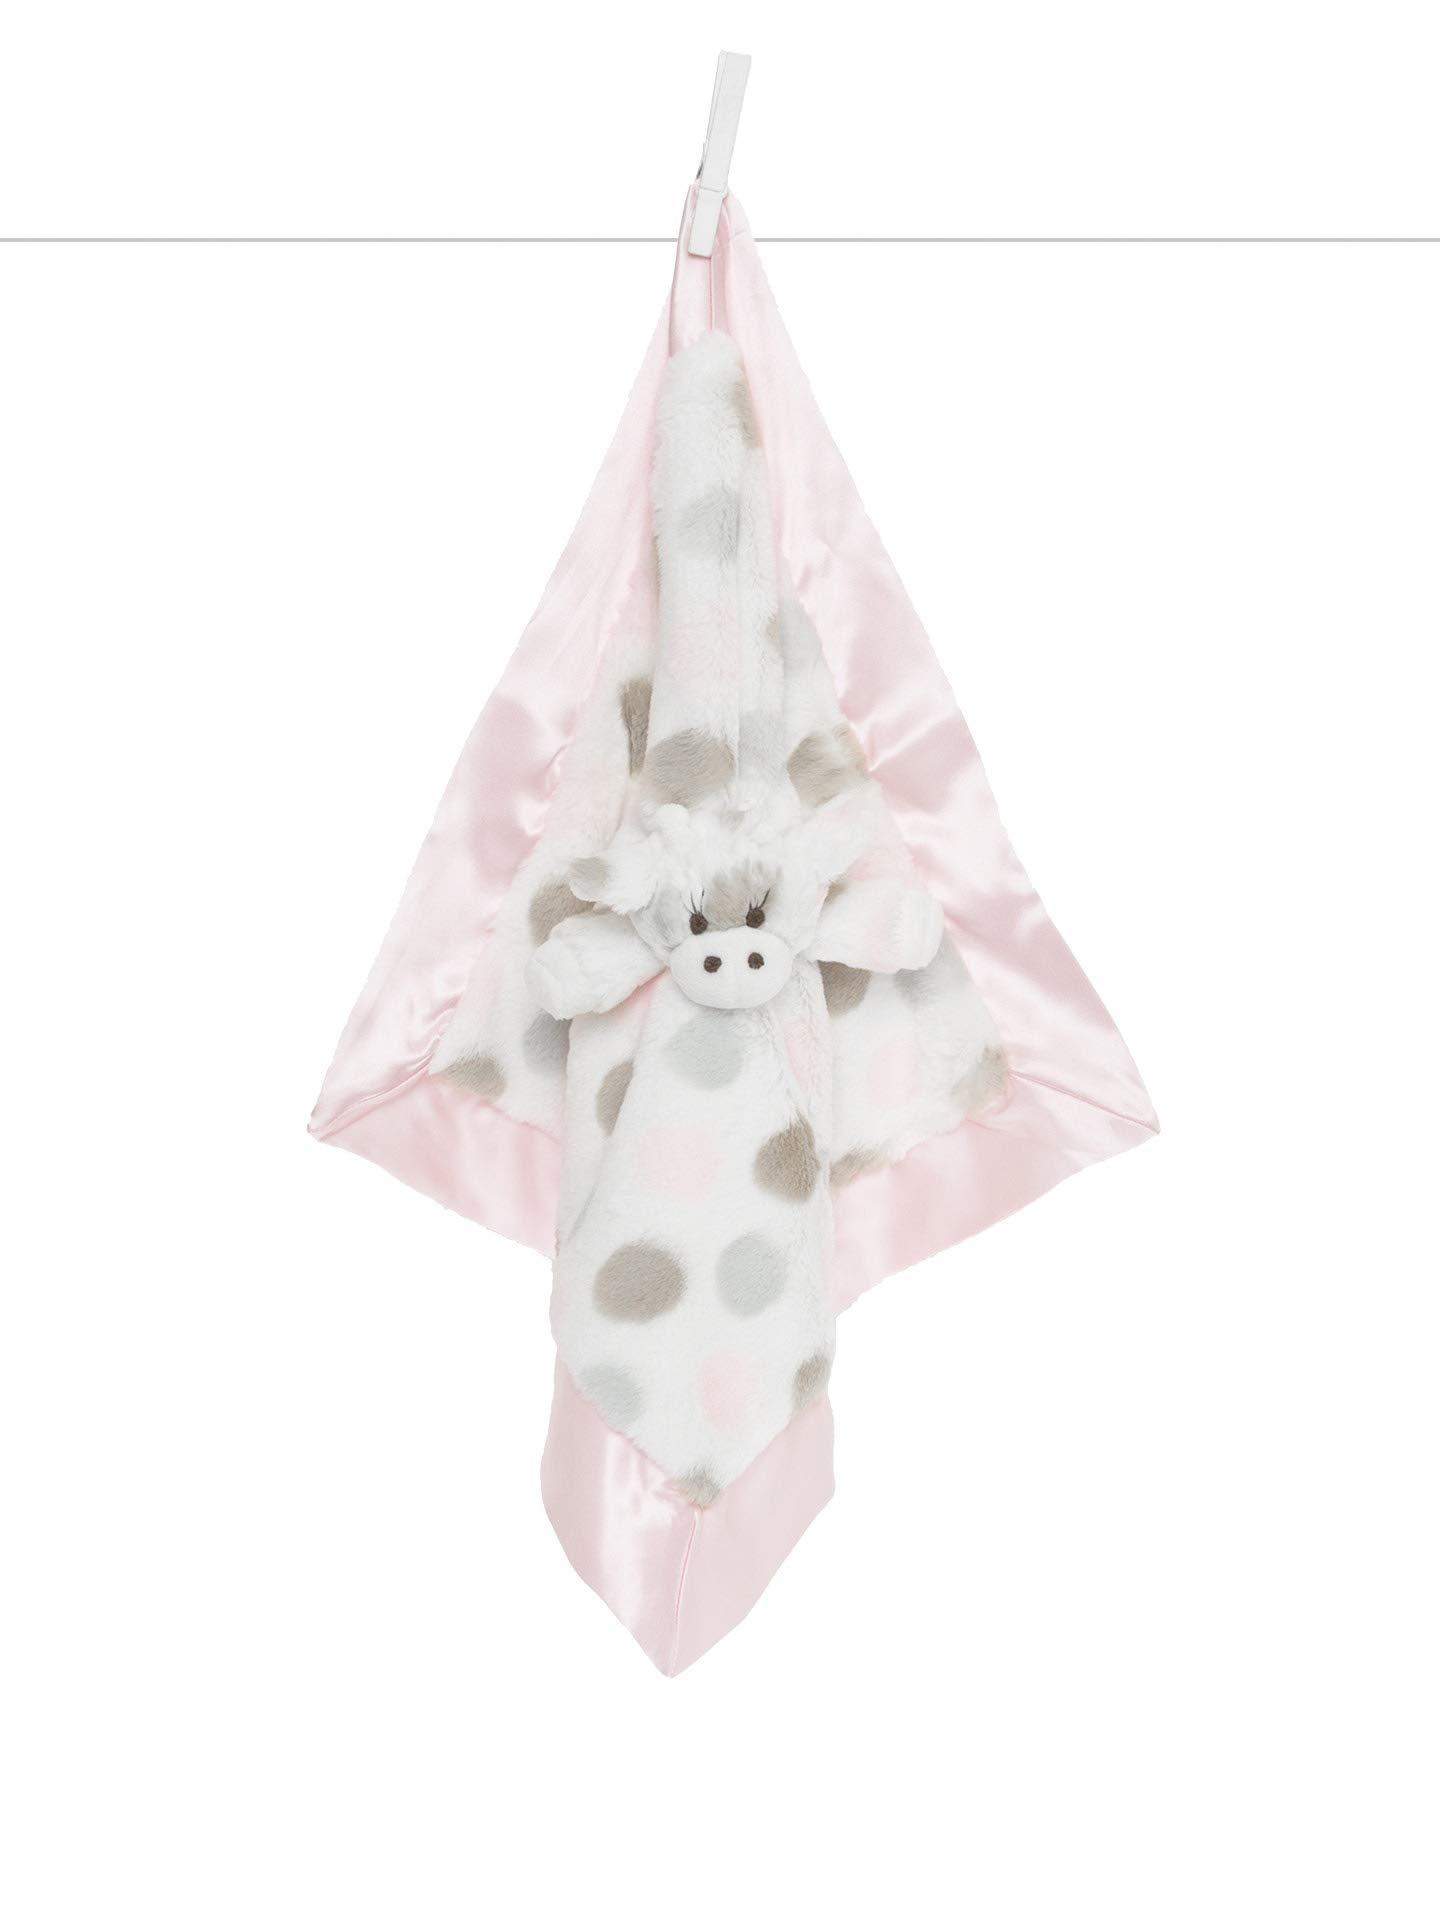 Little Giraffe Little G Blanky - Animal Security Blanket (Pink) by Little Giraffe